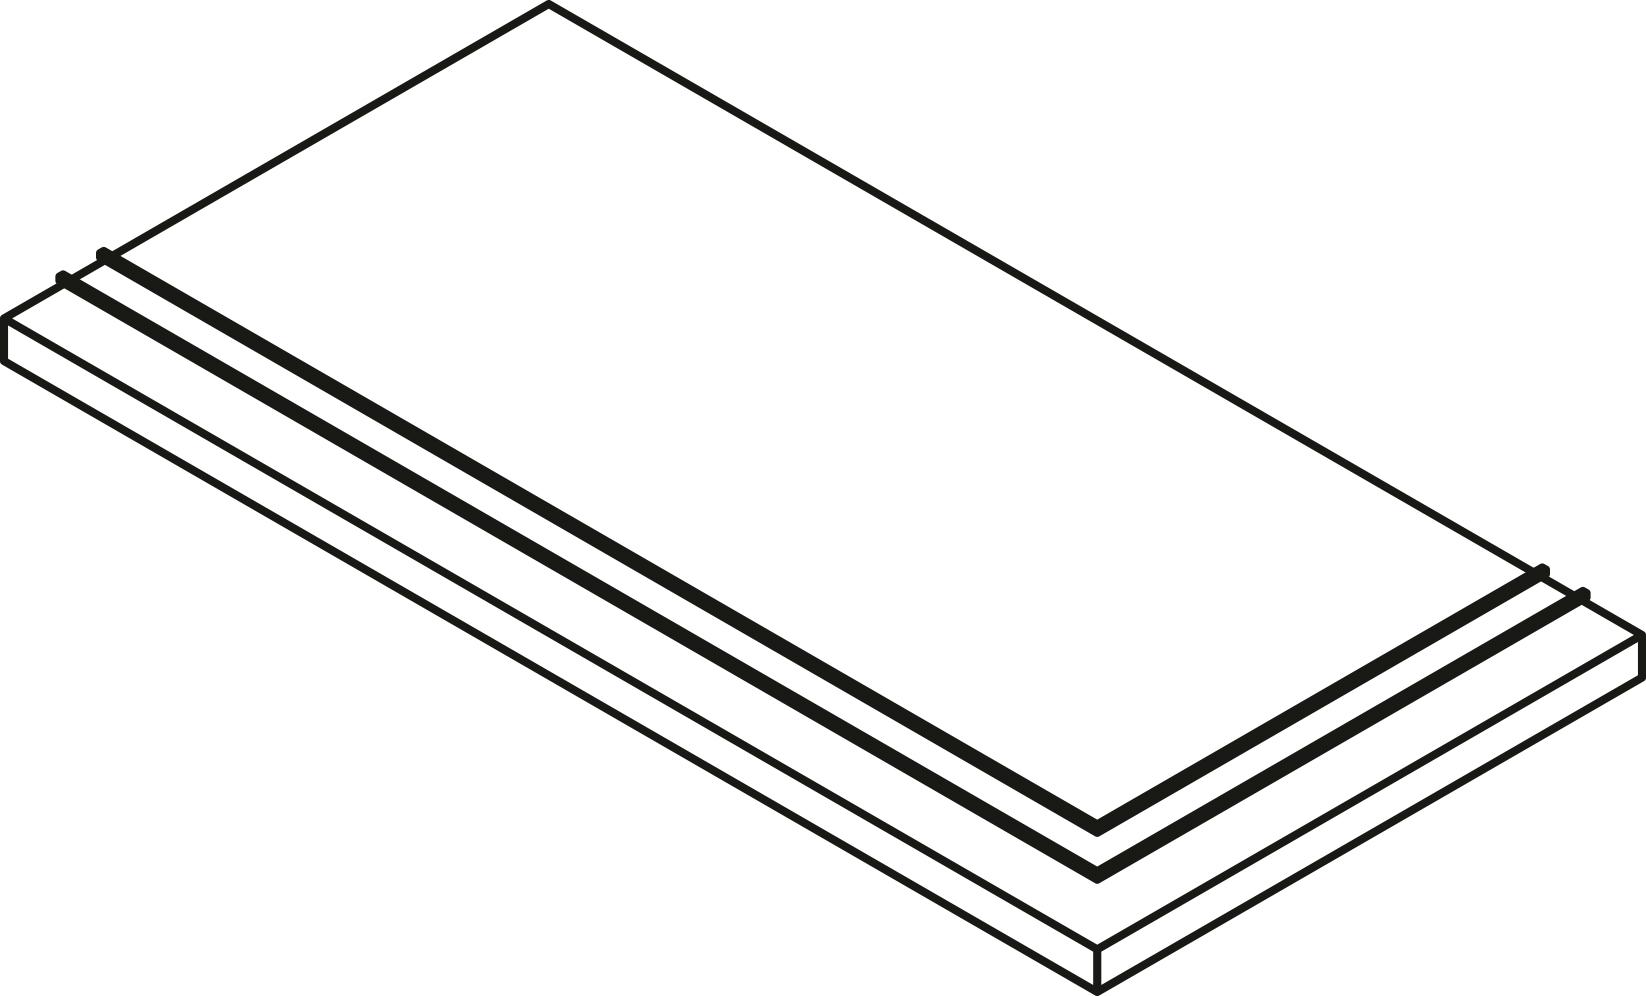 STEP EXTRA THICK CORNER INOX 30X60